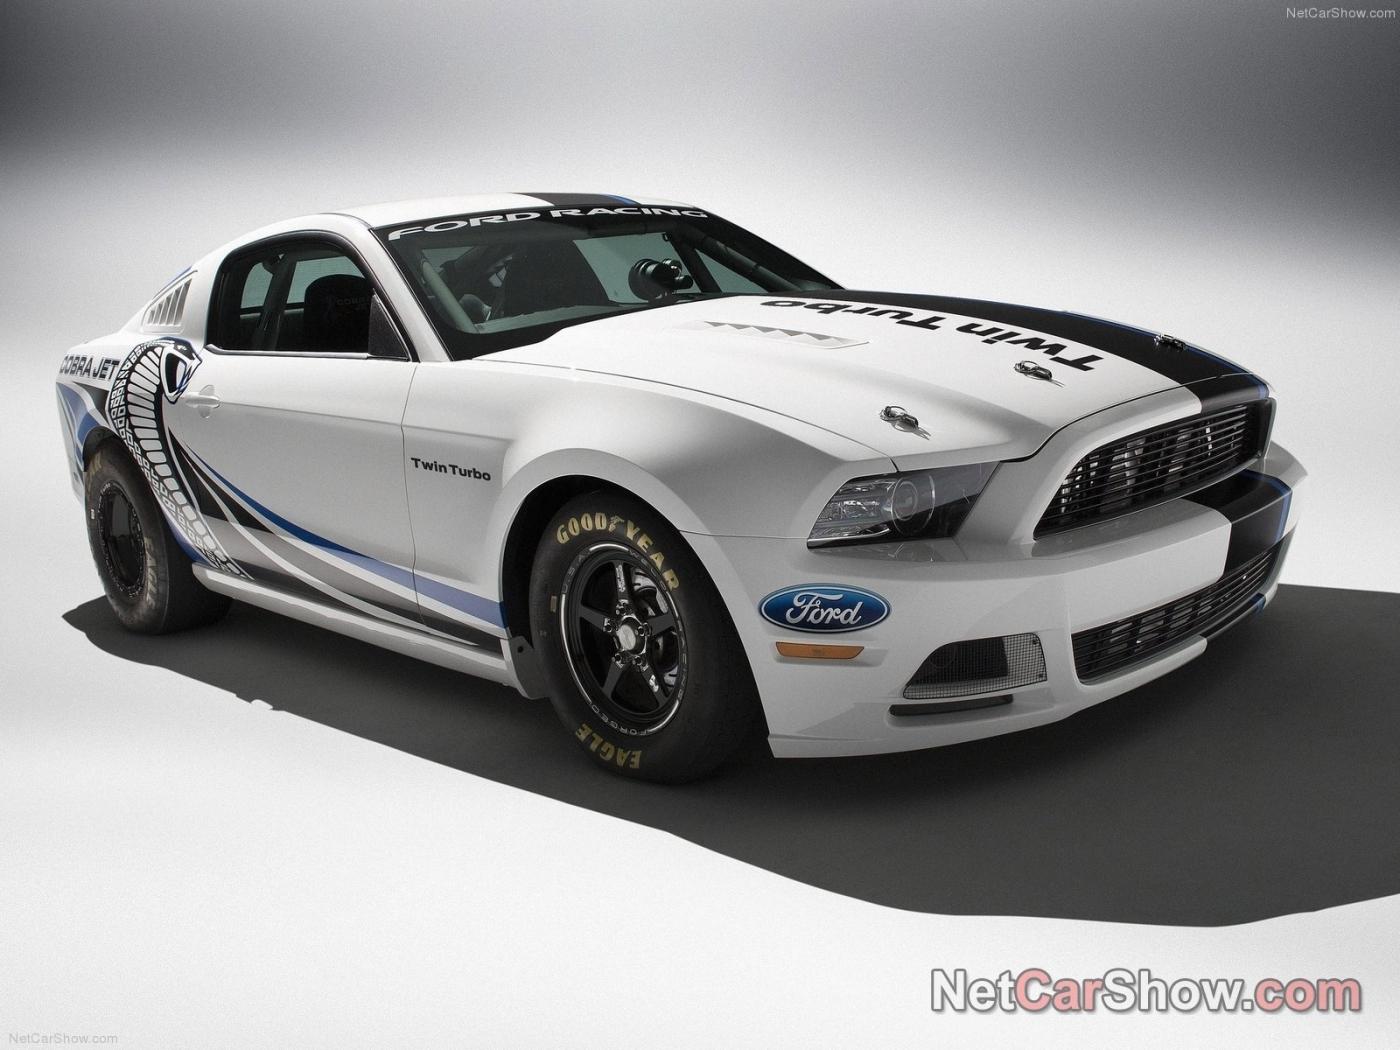 25337 скачать обои Транспорт, Машины, Мустанг (Mustang) - заставки и картинки бесплатно